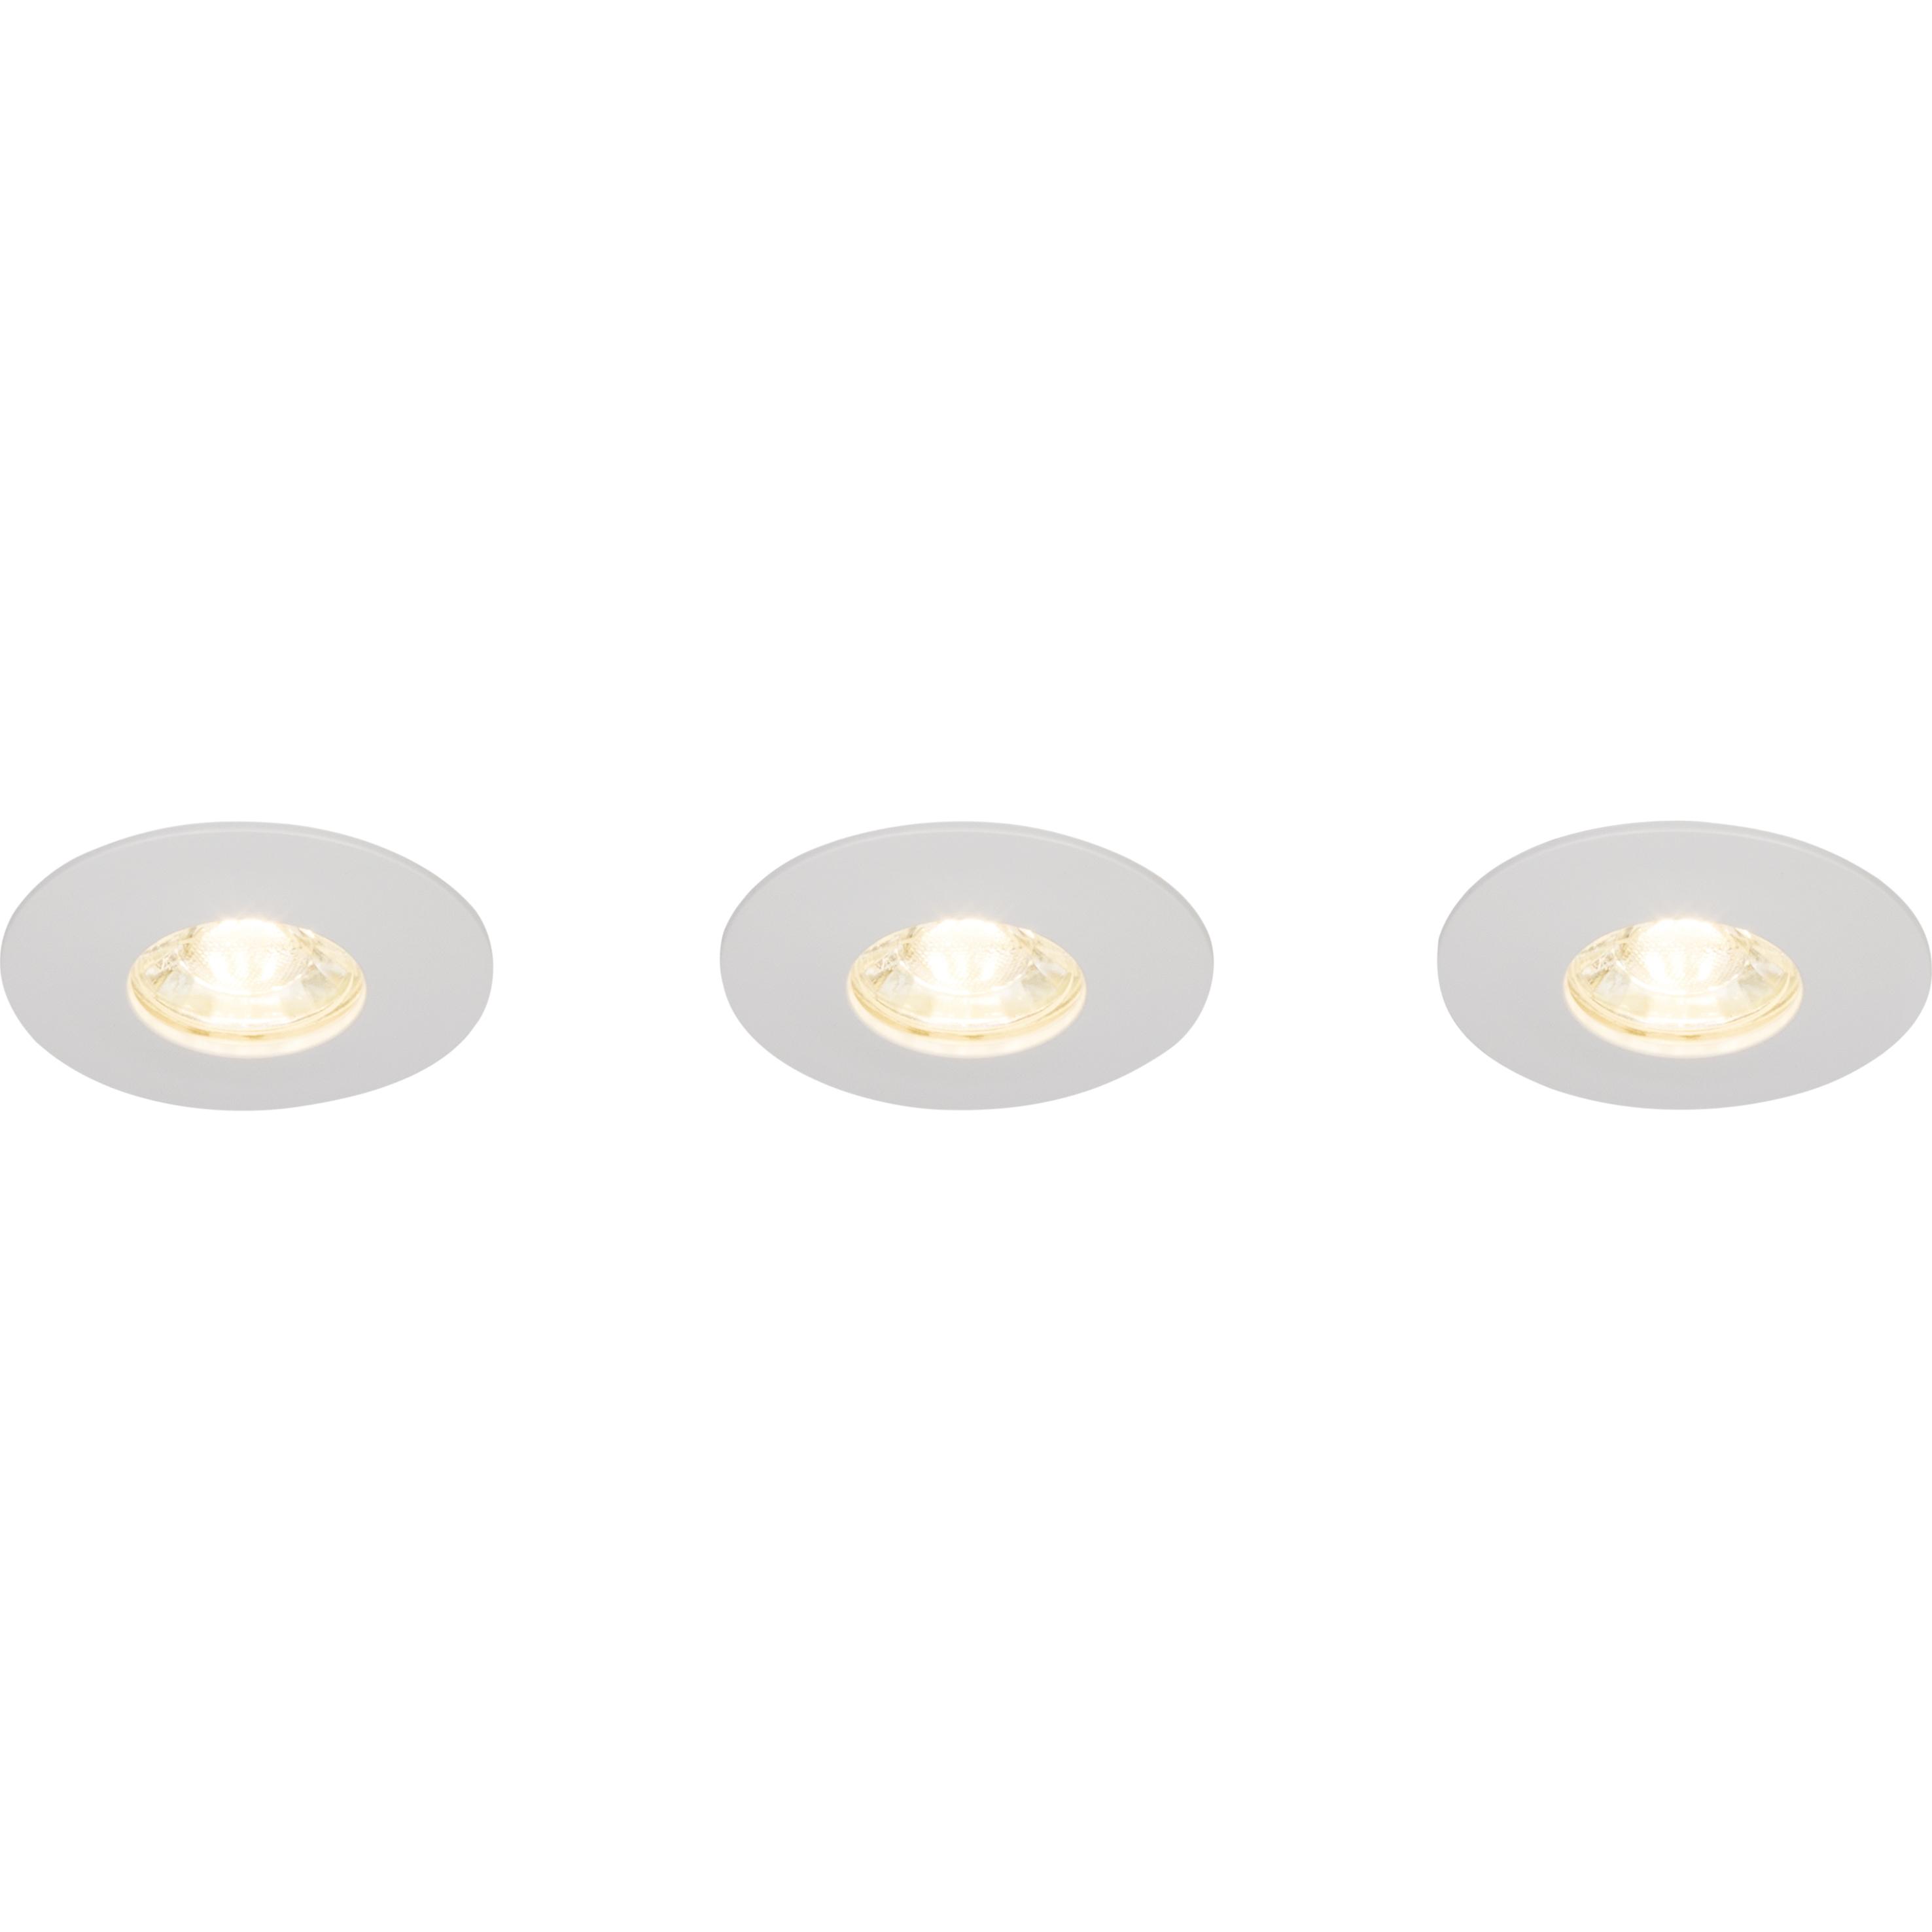 Brilliant Leuchten Nodus LED Einbauleuchtenset 3x fest weiÃY/warmweiÃY